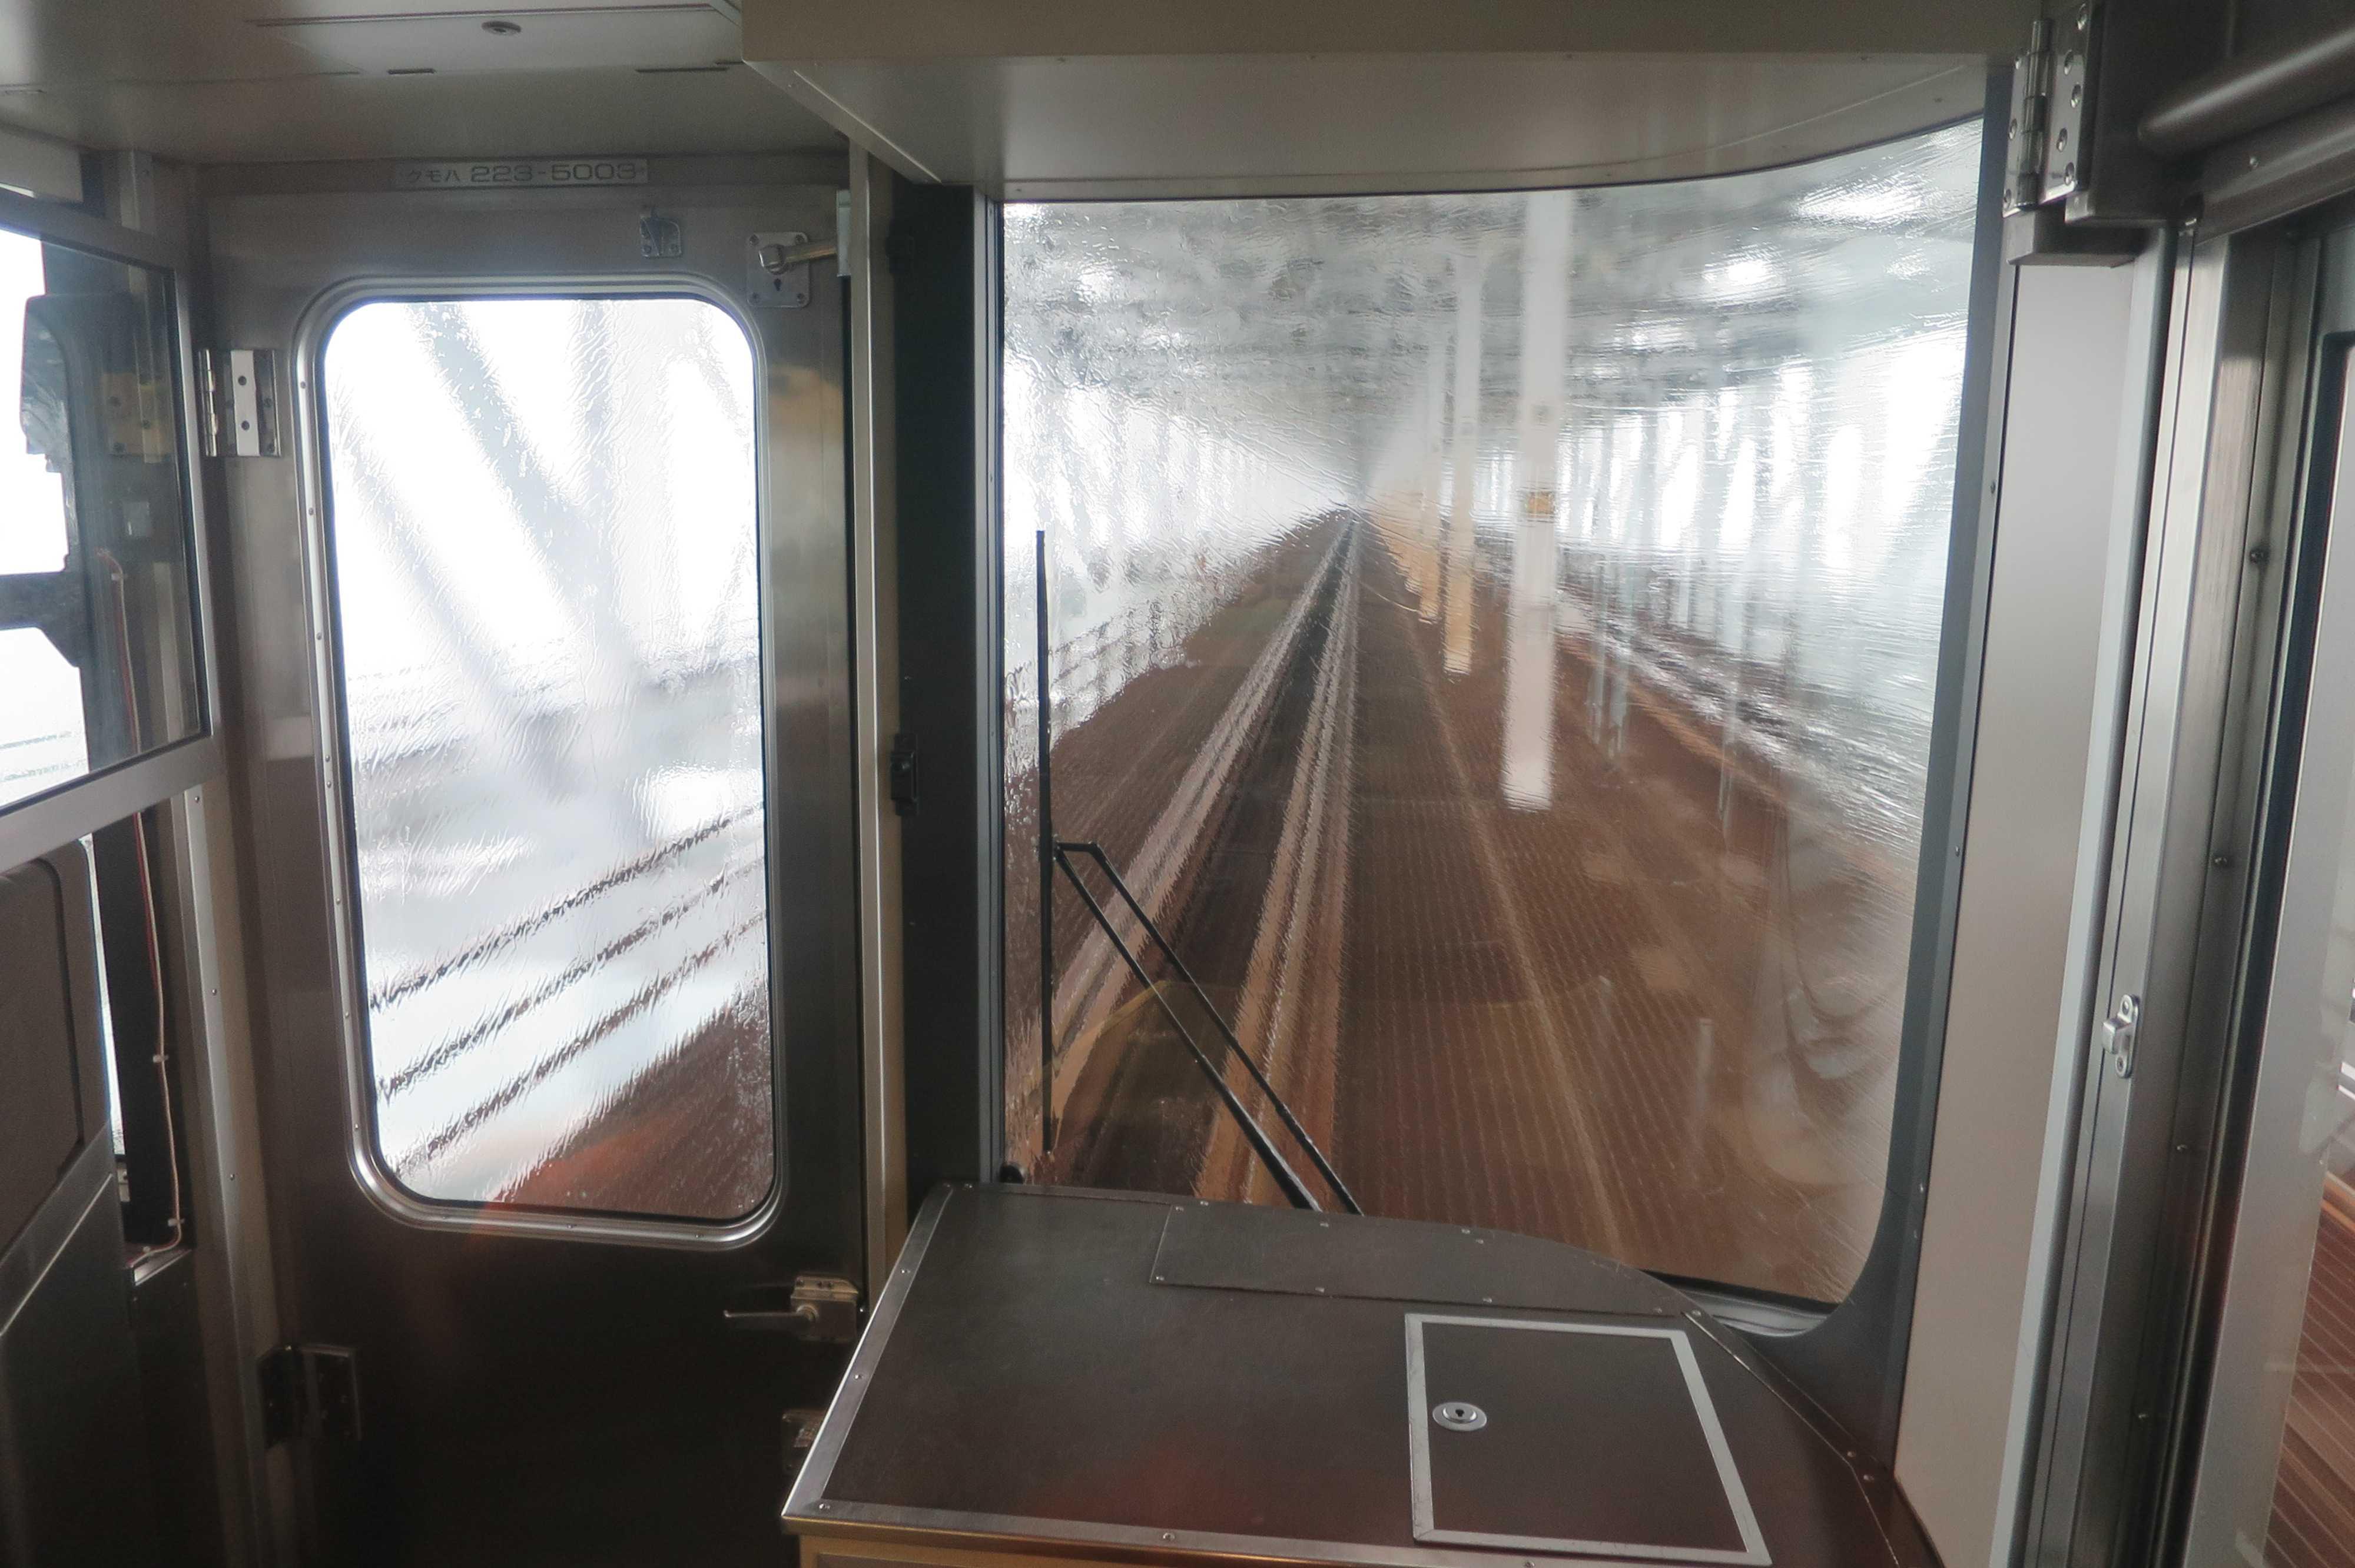 瀬戸大橋の内側 - 瀬戸大橋の上